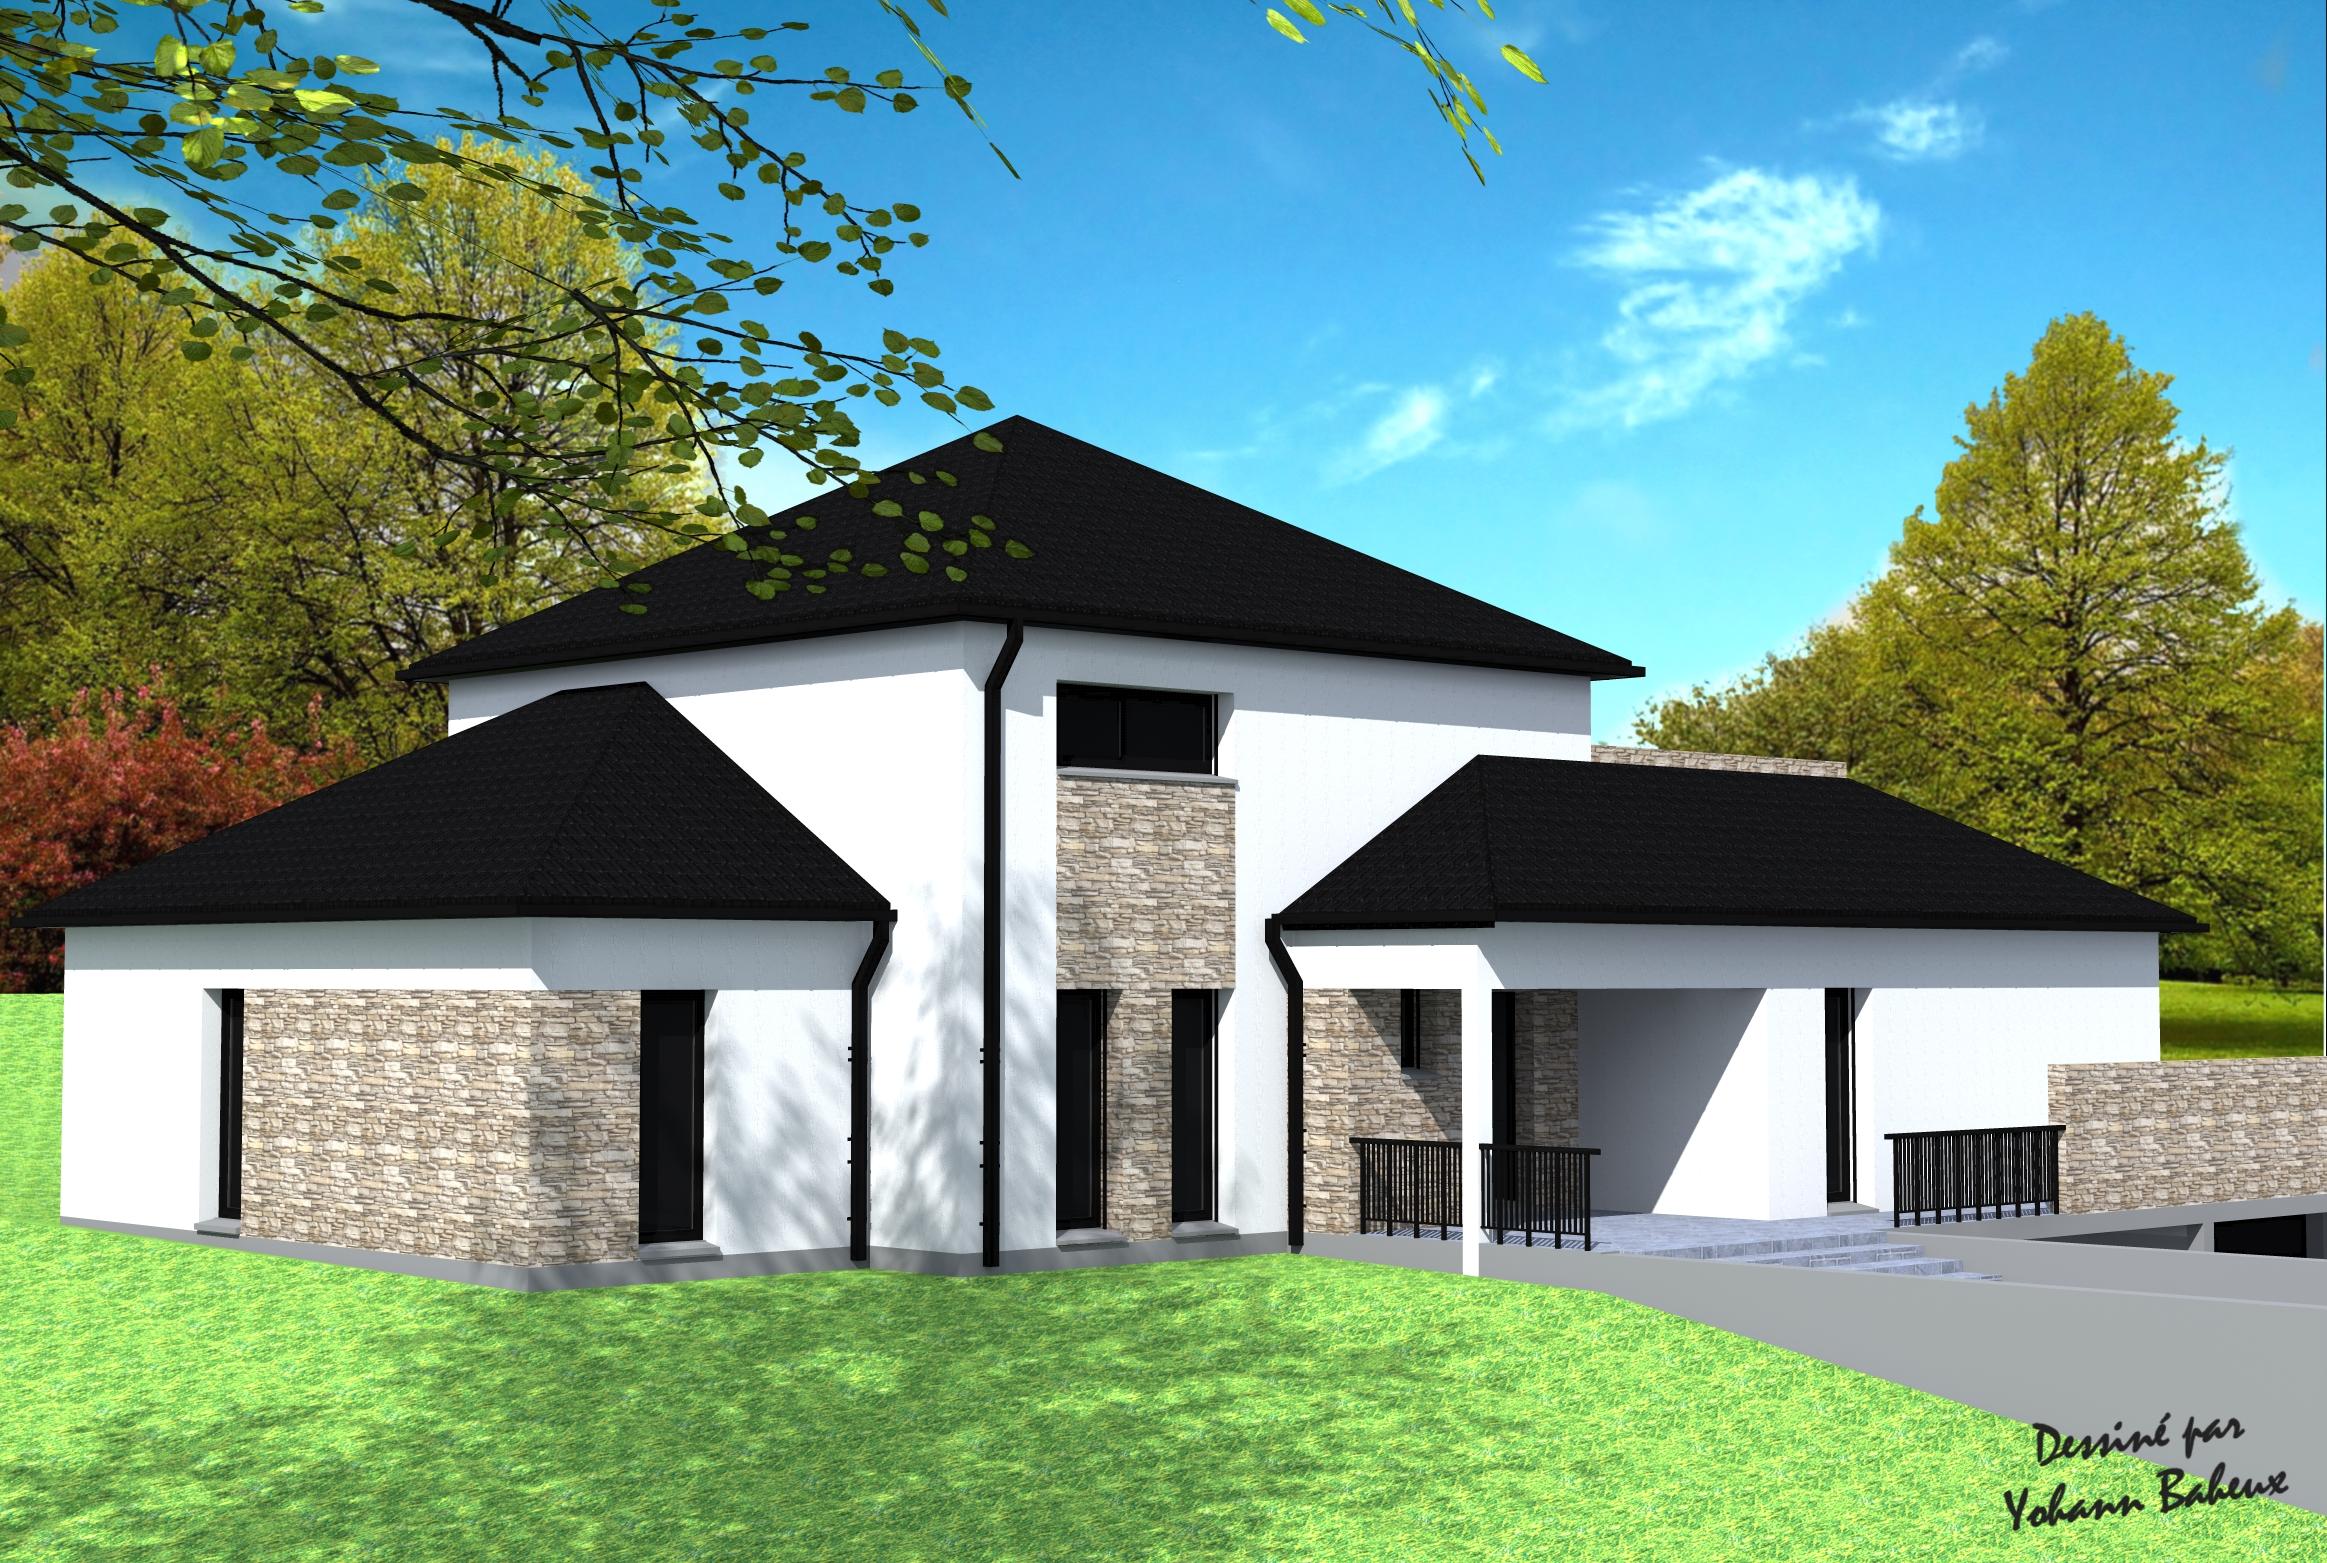 Plan maison 4 pans maison moderne sur soussol plan etage for Maison a 4 pans